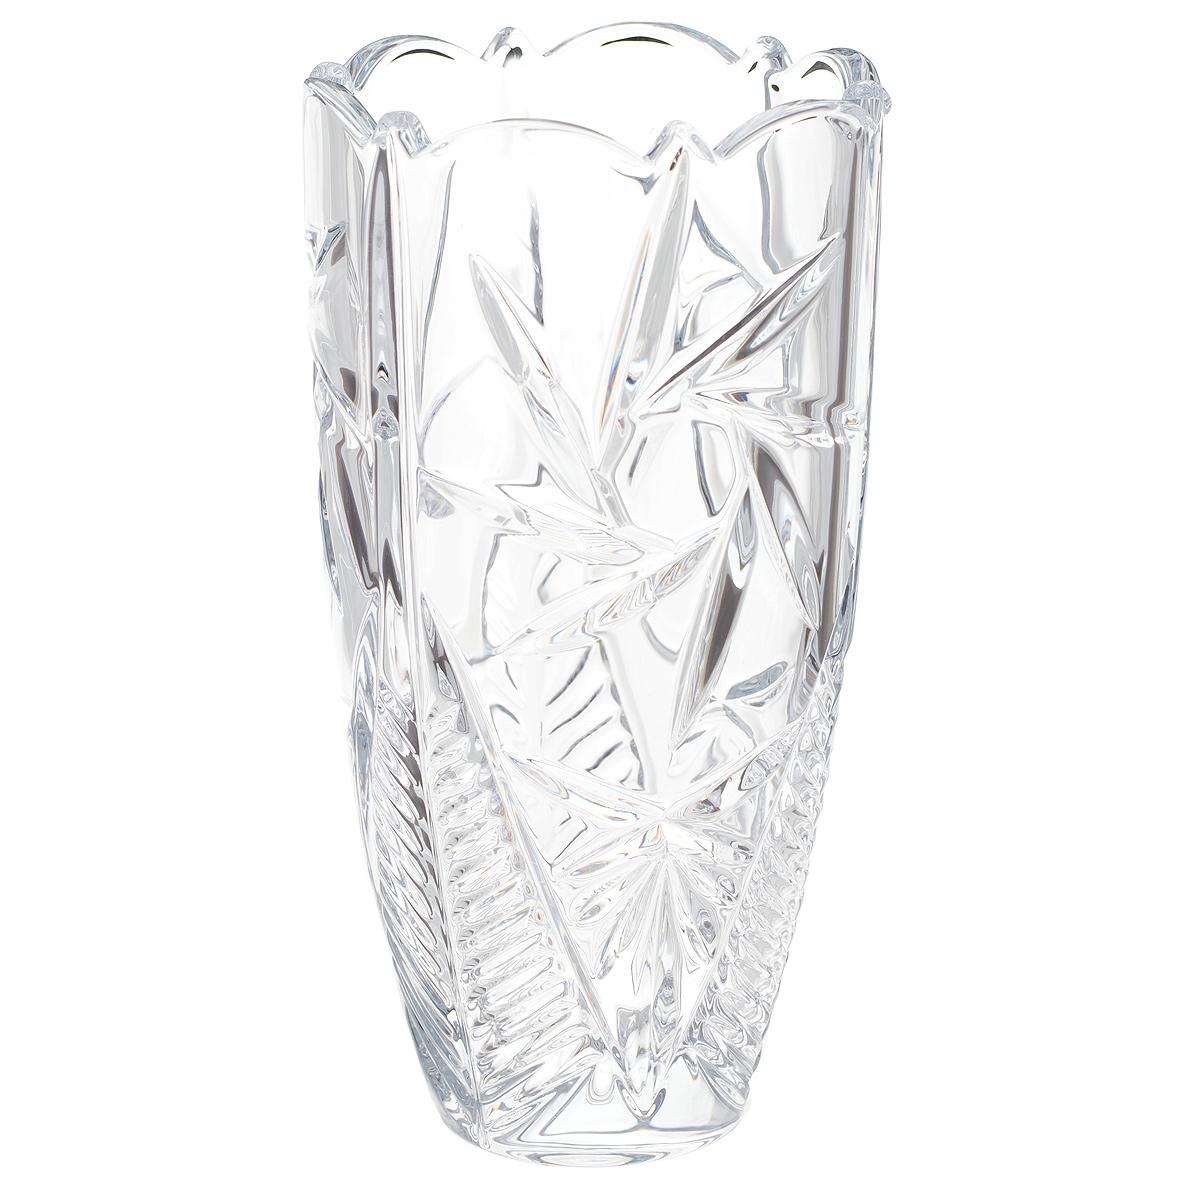 Ваза Crystalite Bohemia Пинвил, высота 20 см89002/0/99030/200Изящная ваза Crystalite Bohemia Пинвил изготовлена из прочного утолщенного стекла кристалайт. Она красиво переливается и излучает приятный блеск. Ваза оснащена рельефной, многогранной поверхностью, неровными краями и напоминает полураскрывшийся цветочный бутон, что делает ее изящным украшением интерьера. Ваза Crystalite Bohemia Пинвил дополнит интерьер офиса или дома и станет желанным и стильным подарком.